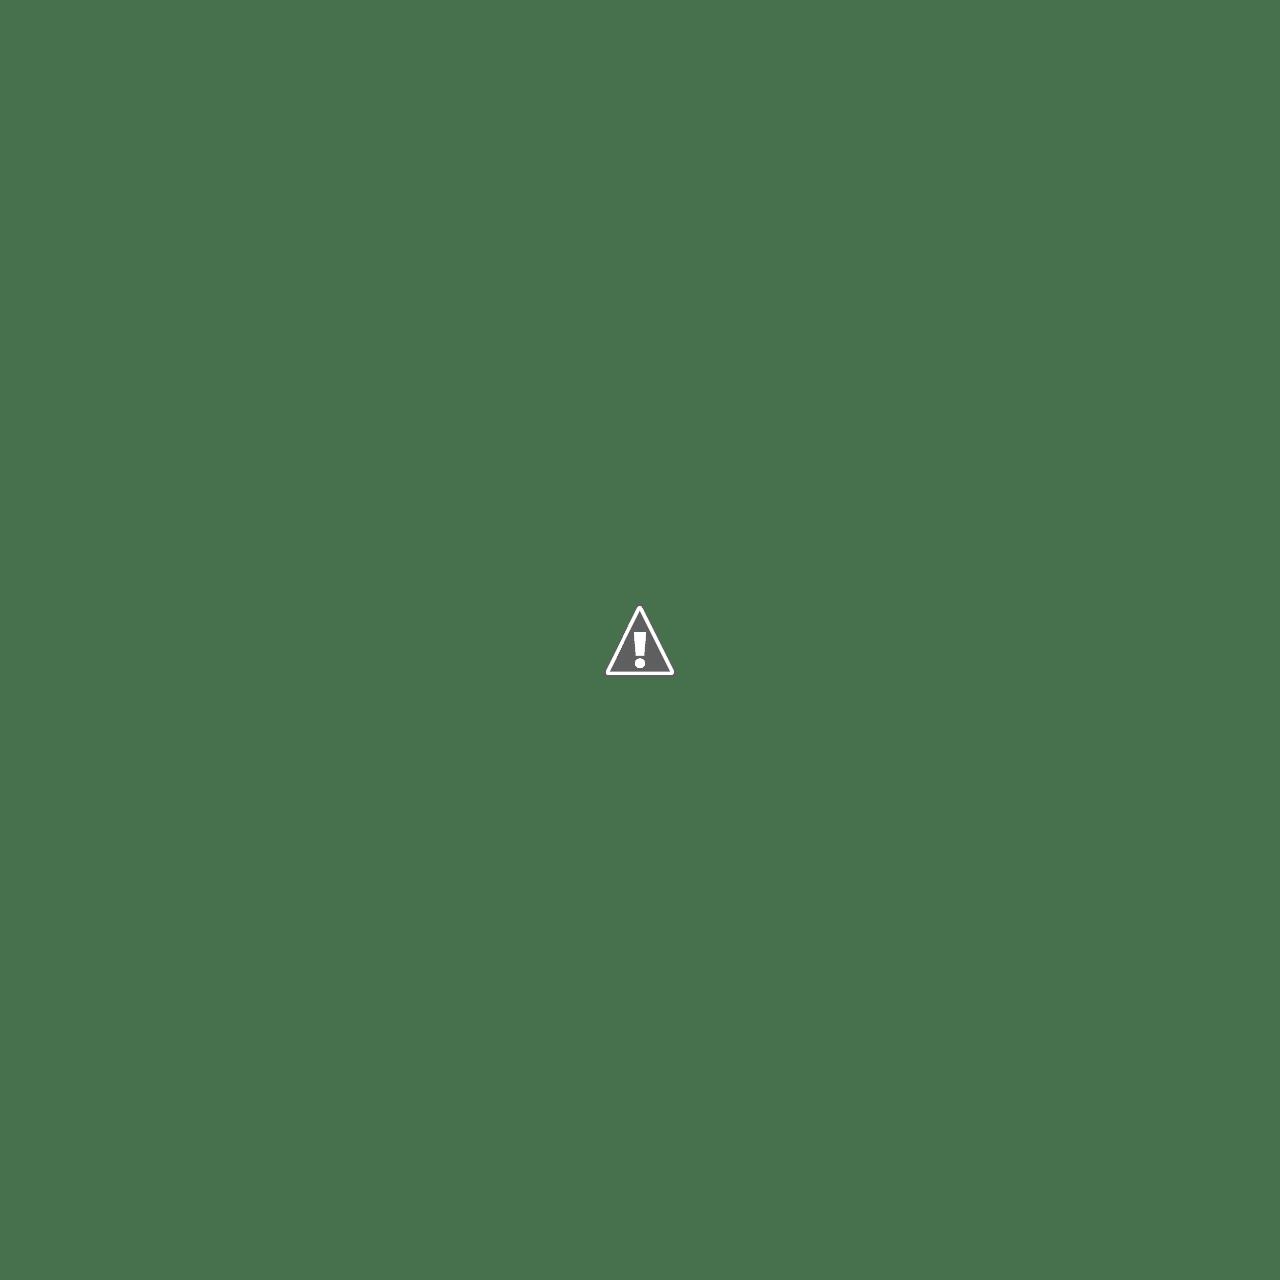 مفهوم الأخشاب للنجارة والديكور مصنع أخشاب في الرياض السلي